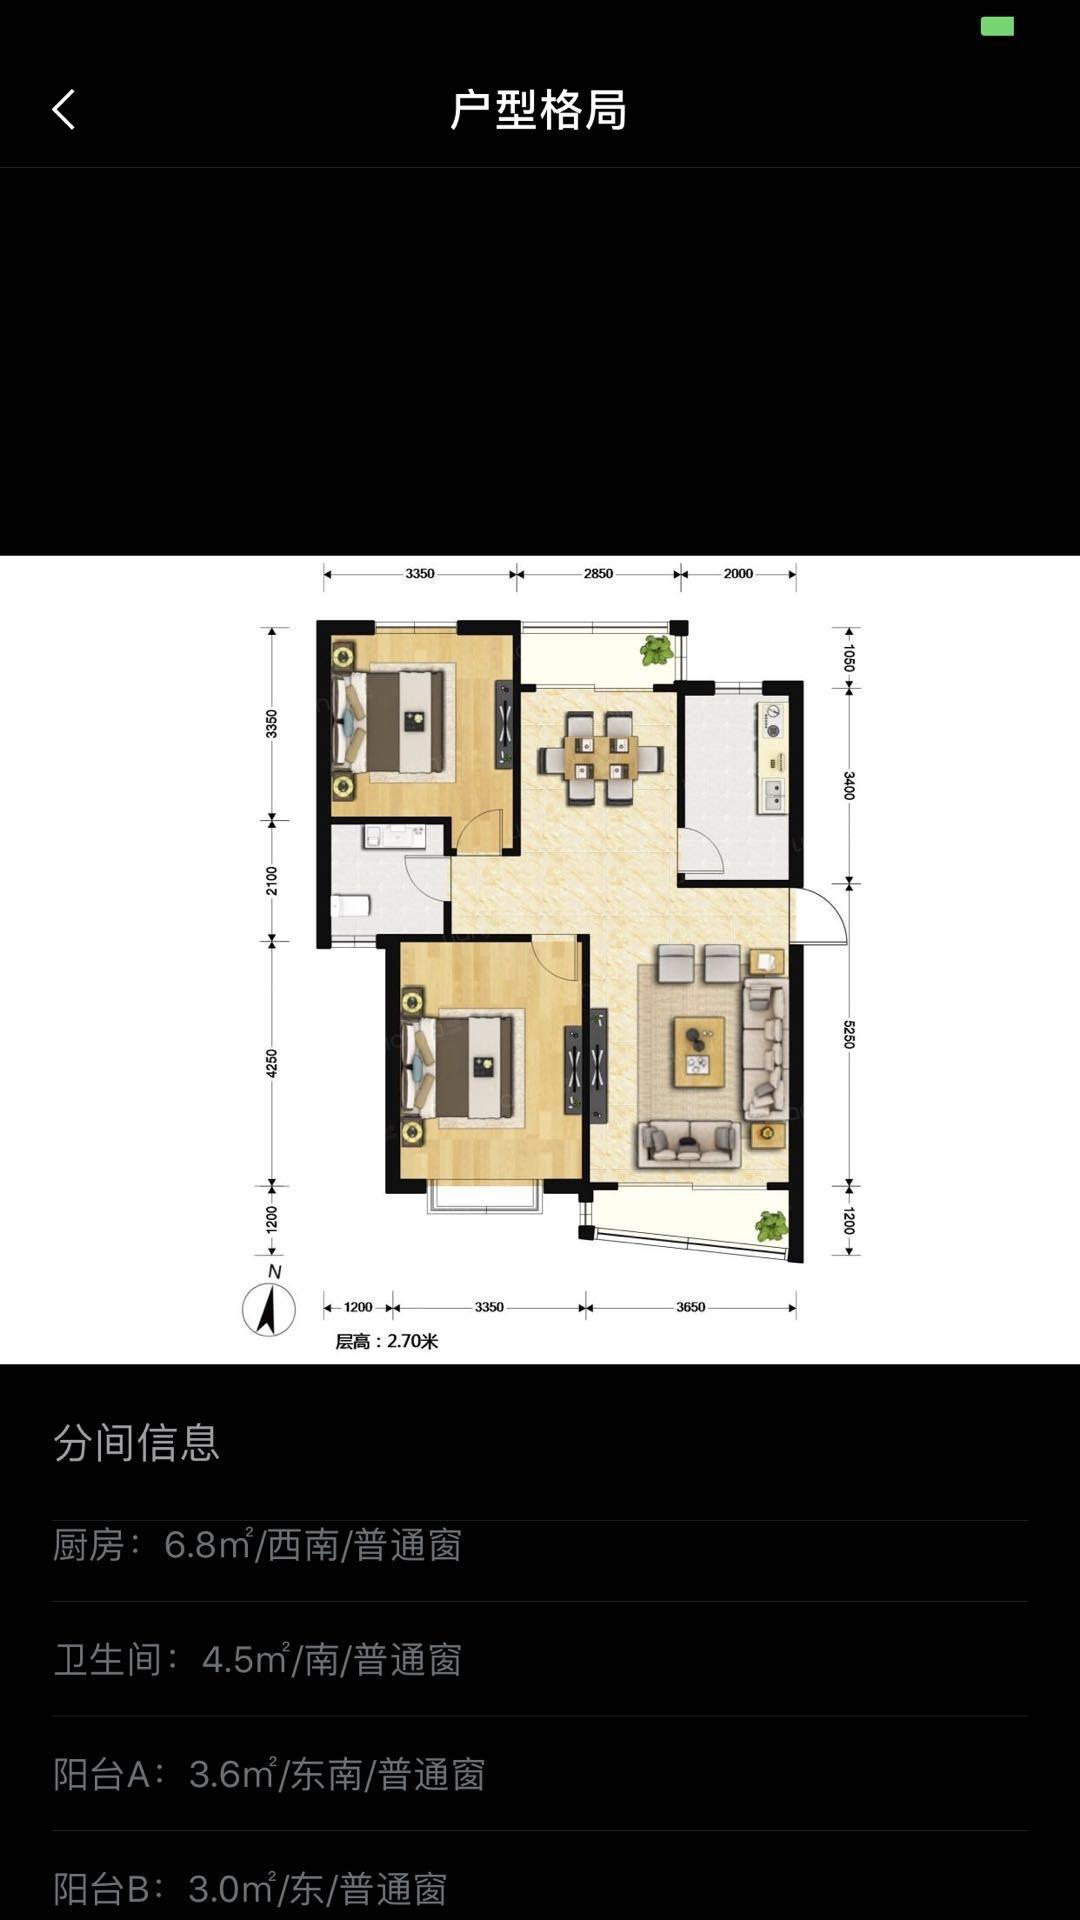 各位小伙伴们,我家两房两厅一卫,95平米。想改成三房两厅?请问如何设计?